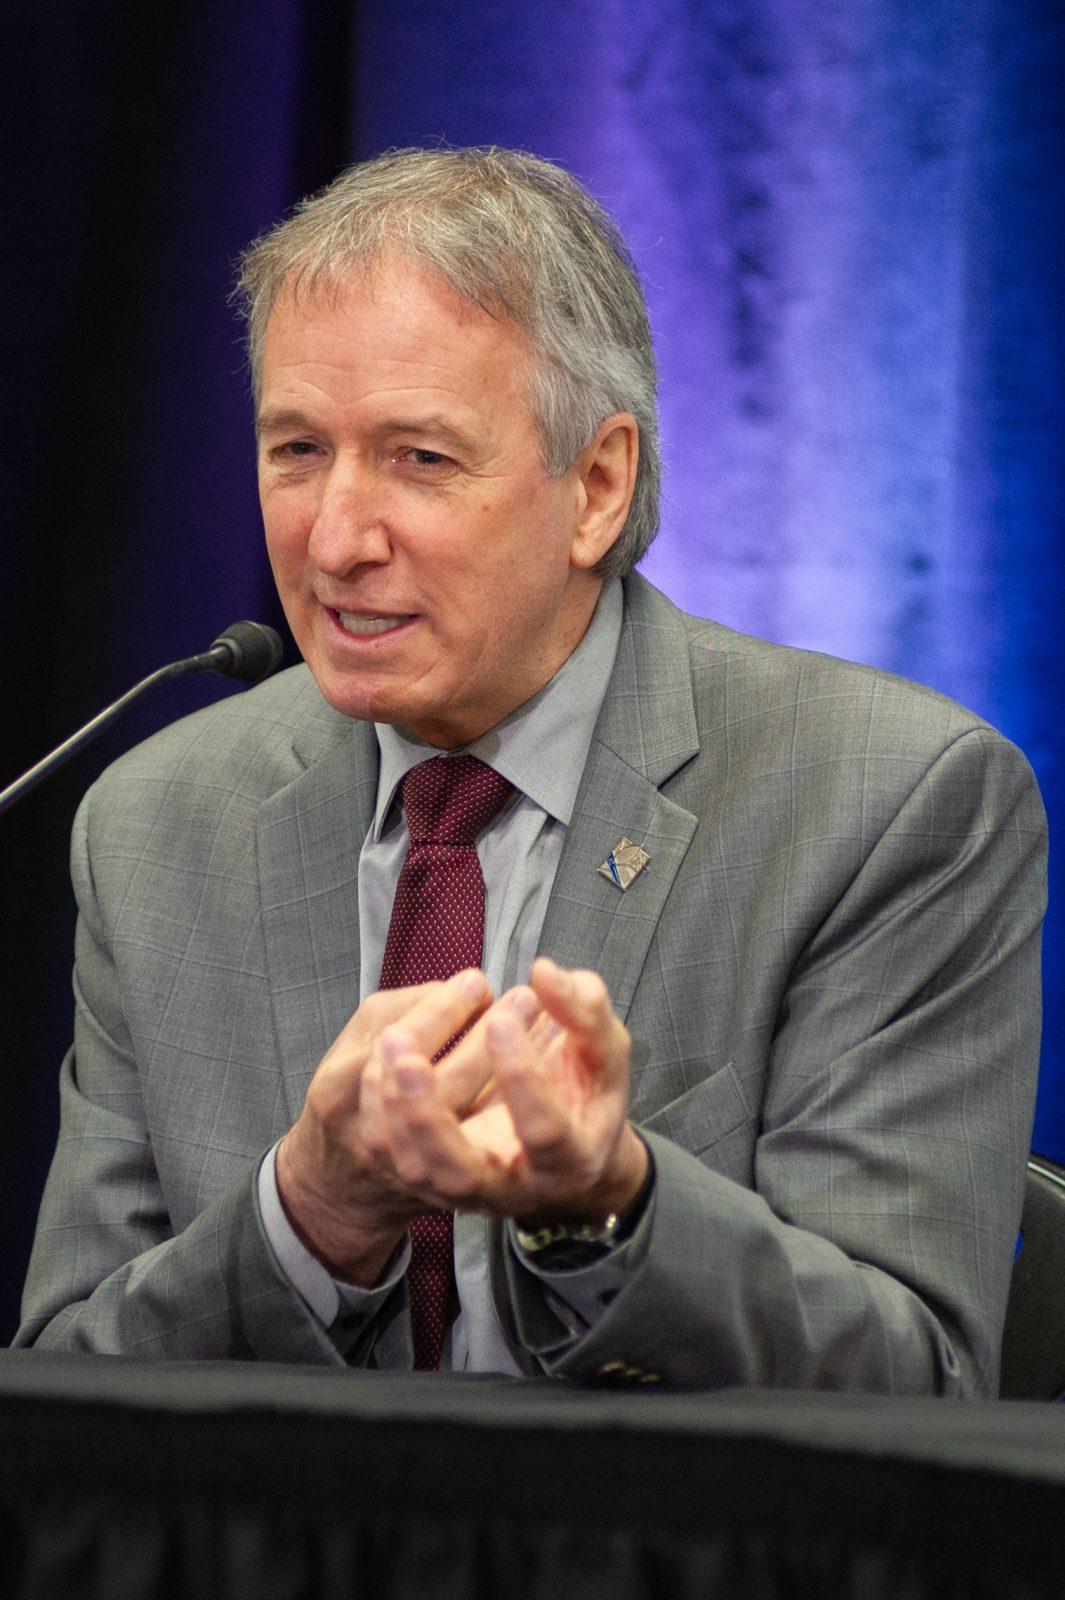 Logements insalubres: ce n'est pas la généralité, dit le ministre Lamontagne